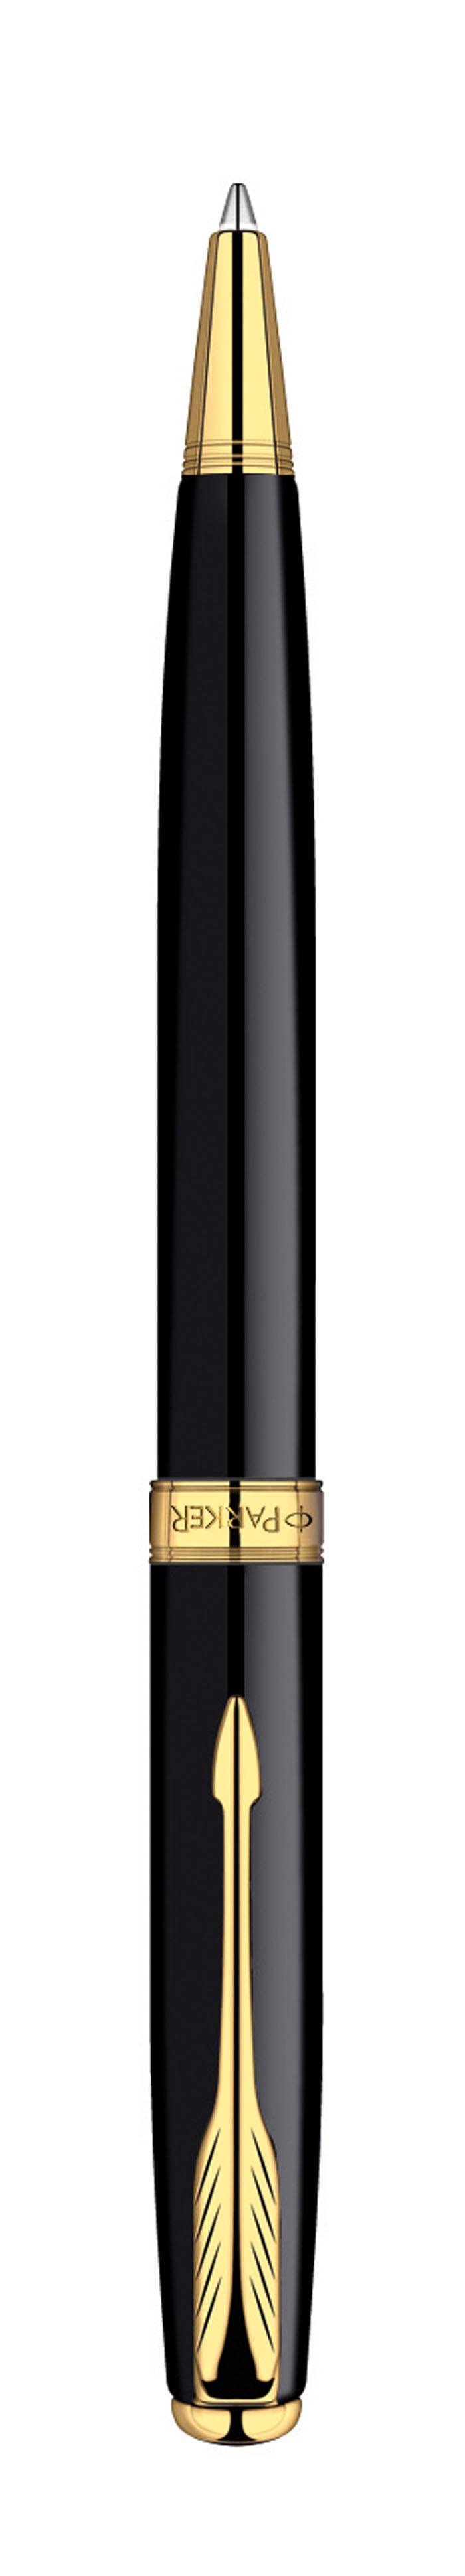 Шариковая ручка Parker Sonnet Black GT с поворотным механизмом - это гарант вашего неповторимого стиля и элегантности. Ручка заправлена стержнем с черными чернилами. Корпус ручки выполнен из ювелирной латуни с многослойным лаковым покрытием и позолотой. Оригинальная гравировка Parker. Толщина линии - средняя. Шариковая ручка упакована в фирменную коробку с логотипом компании Parker. В коробке предусмотрено дополнительное отделение, в котором расположен международный гарантийный талон.Эксклюзивная ручка Parker Sonnet Black GT подчеркнет стиль и элегантность ее владельца и станет превосходным подарком ценителю изящества и роскоши.Ручка - это не просто пишущий инструмент, это - часть имиджа, наглядно демонстрирующая статус, характер и образ жизни ее владельца.